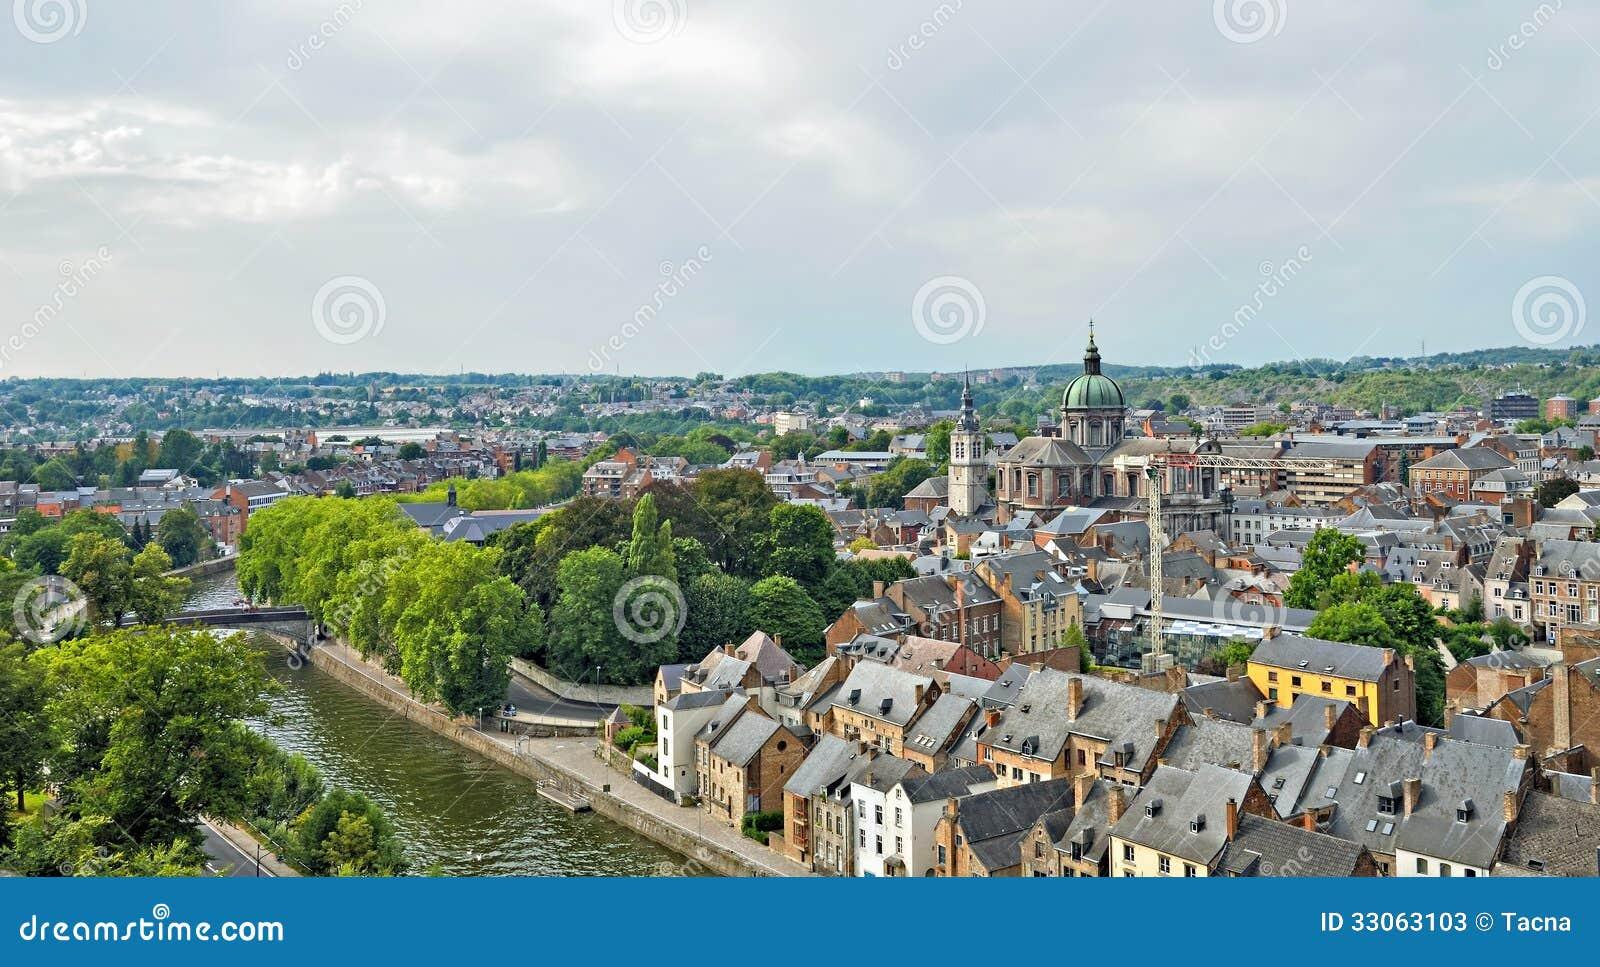 Panorama of namur belgium stock photos image 33063103 for Center carrelage namur